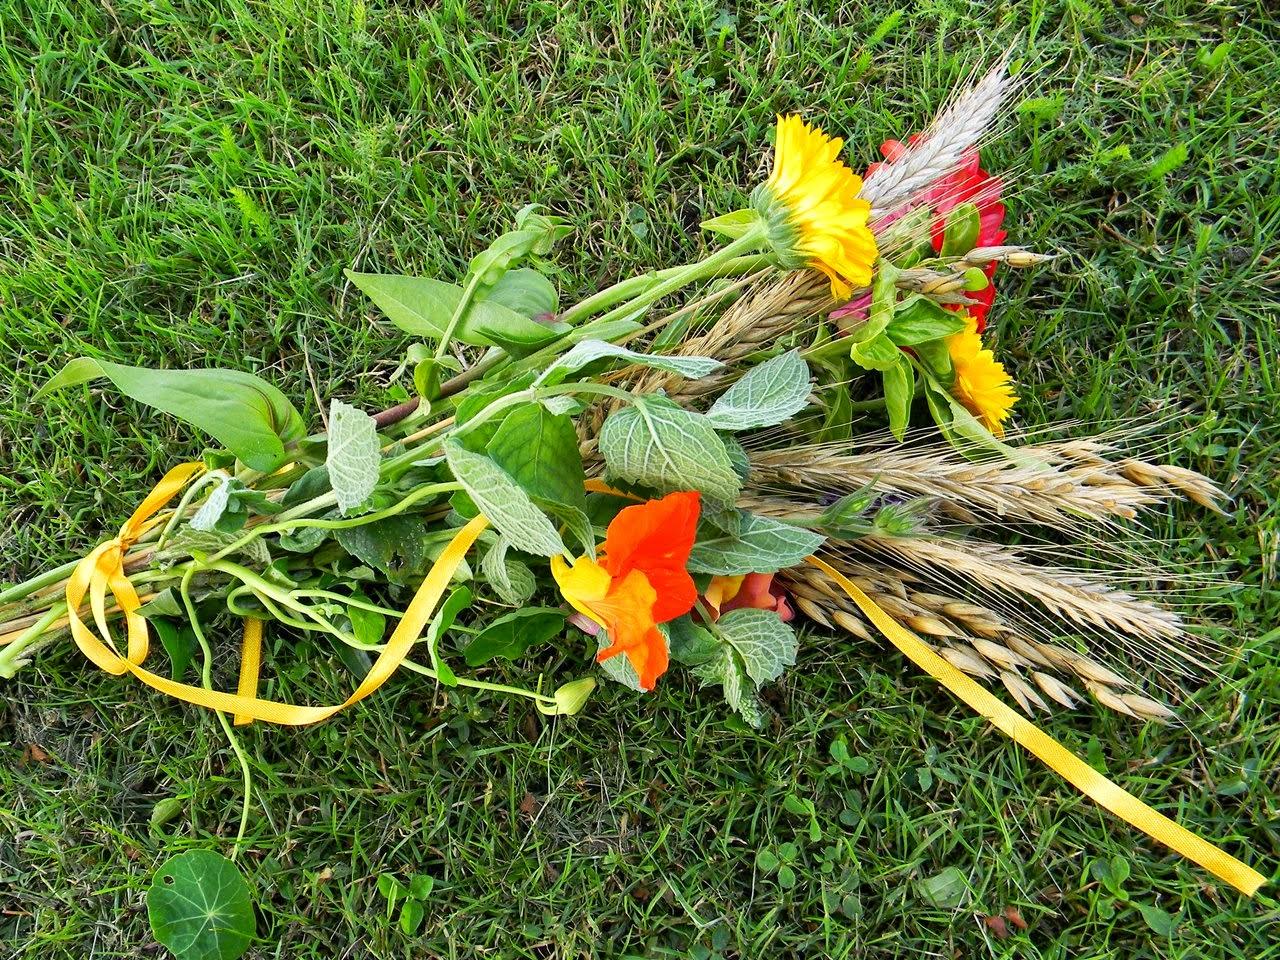 mięta, cynia, zboża, kwiaty